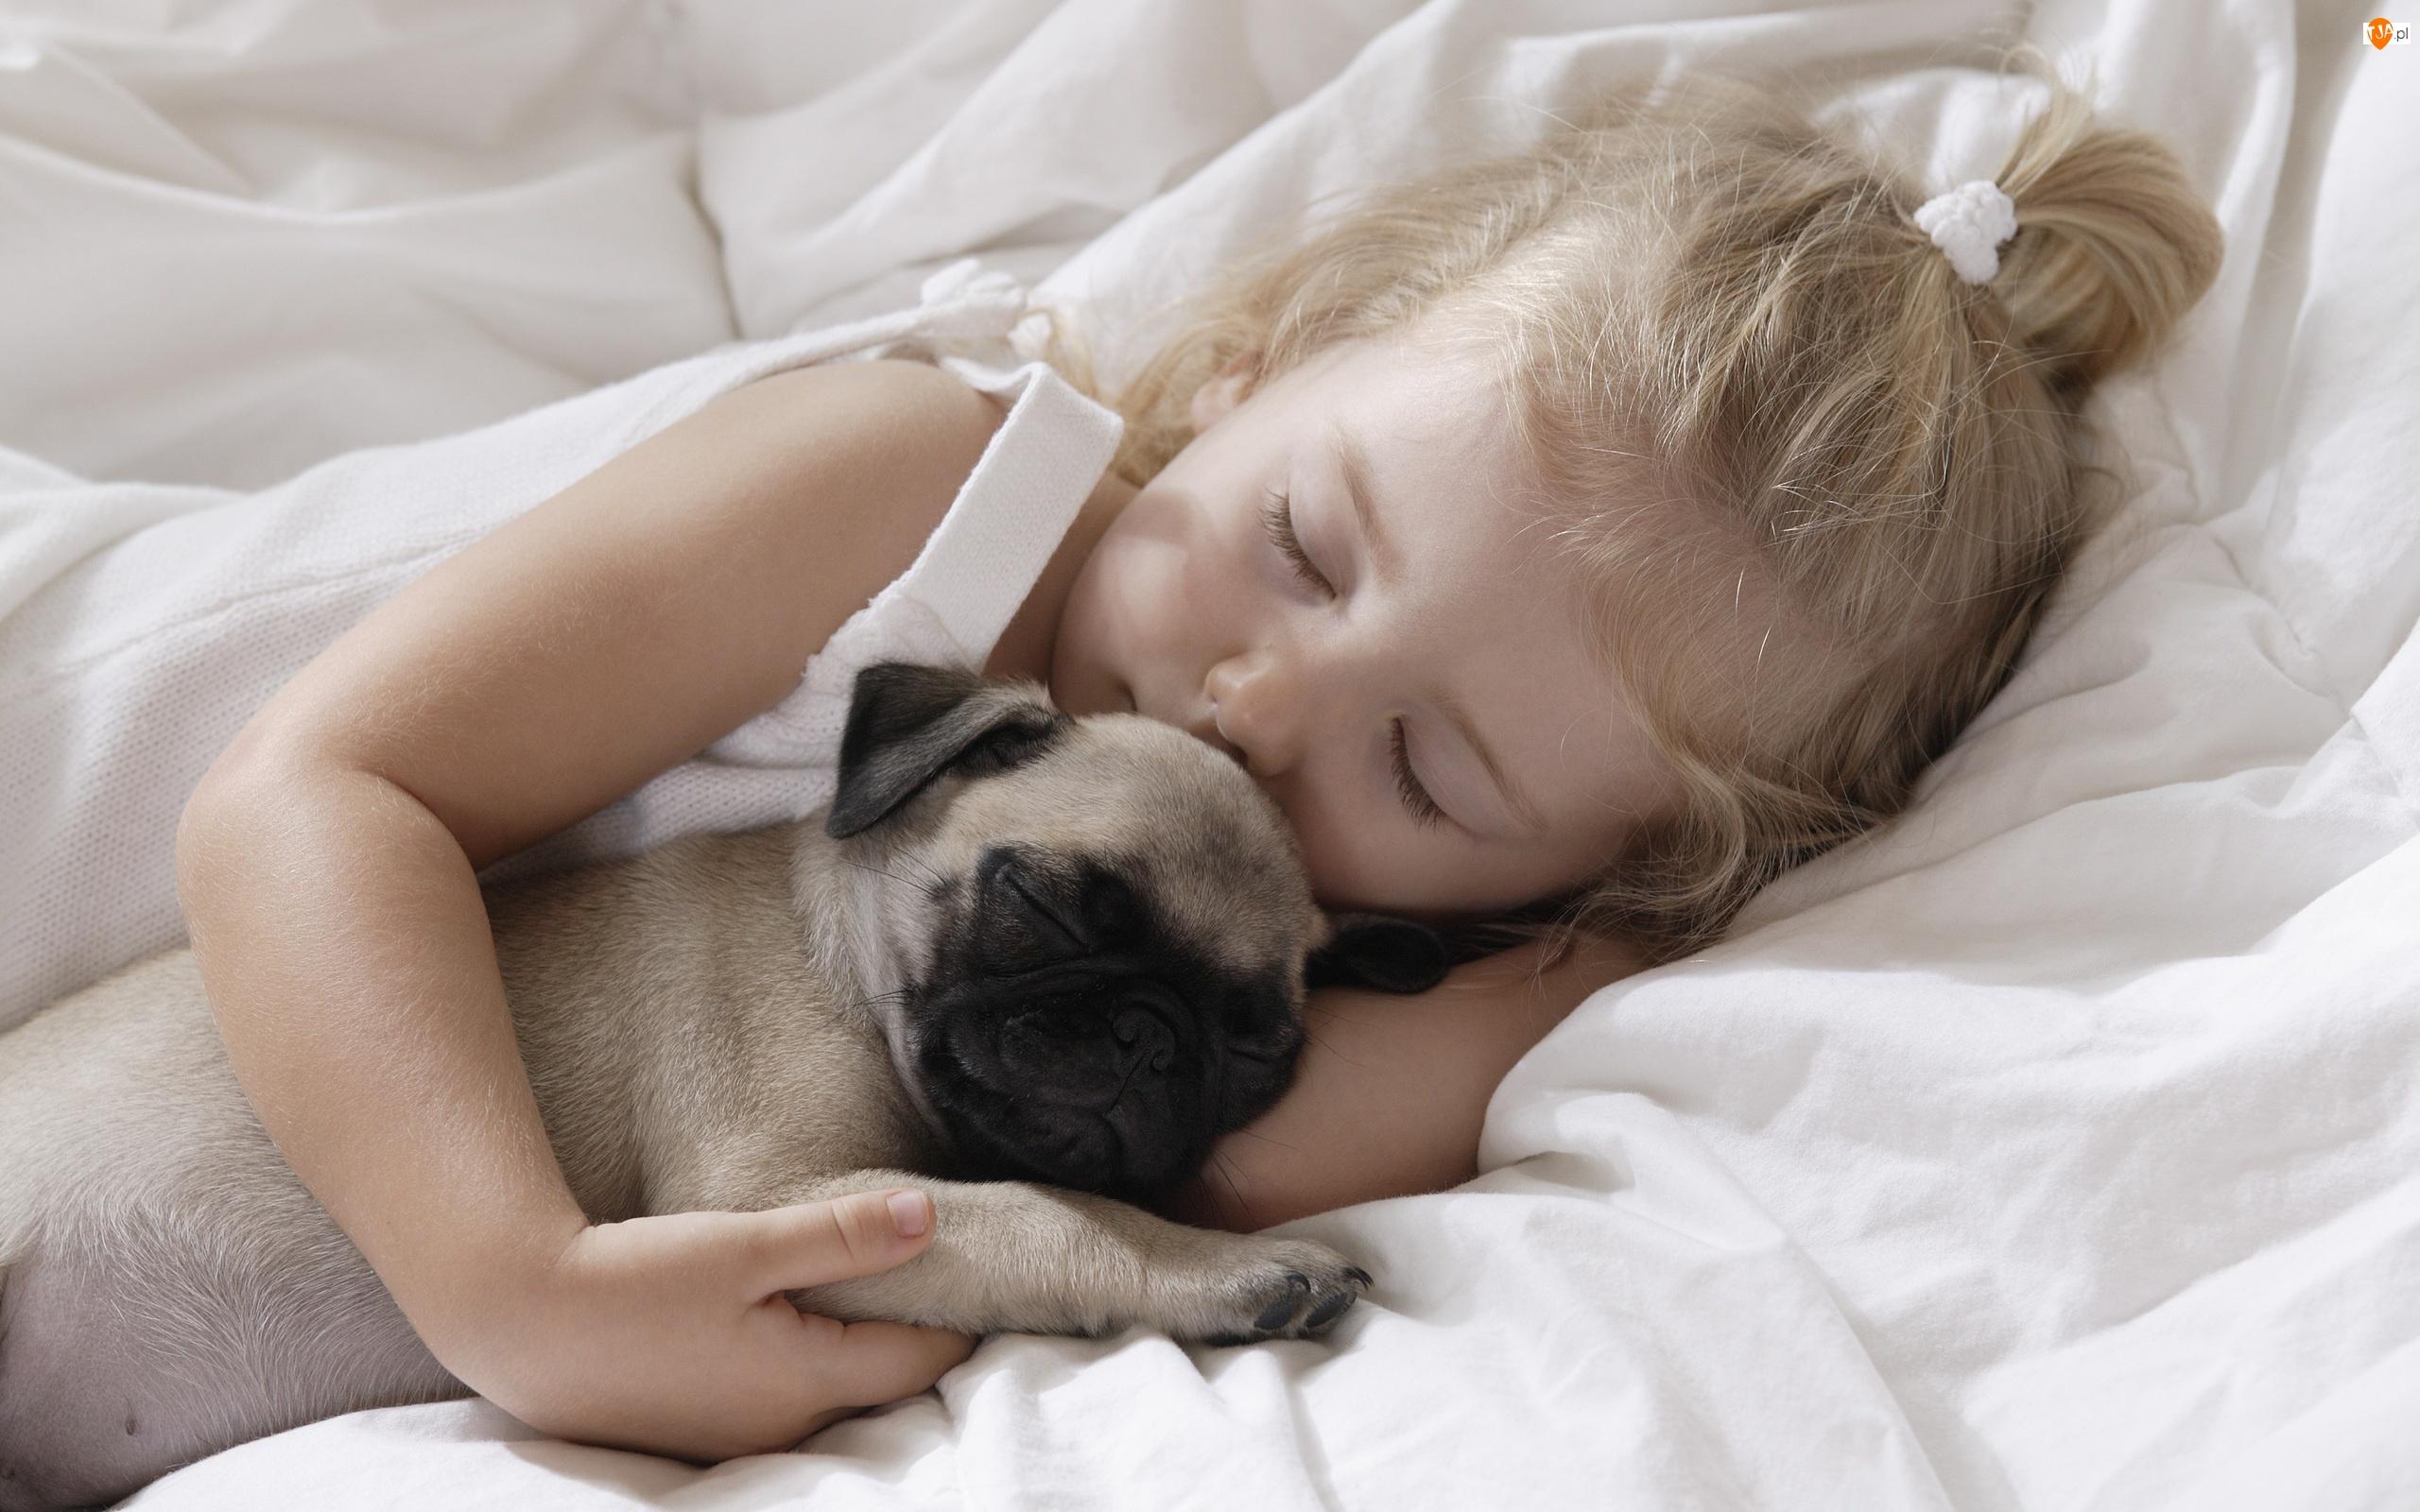 Buldożek Francuski, Śpiące, Dziecko